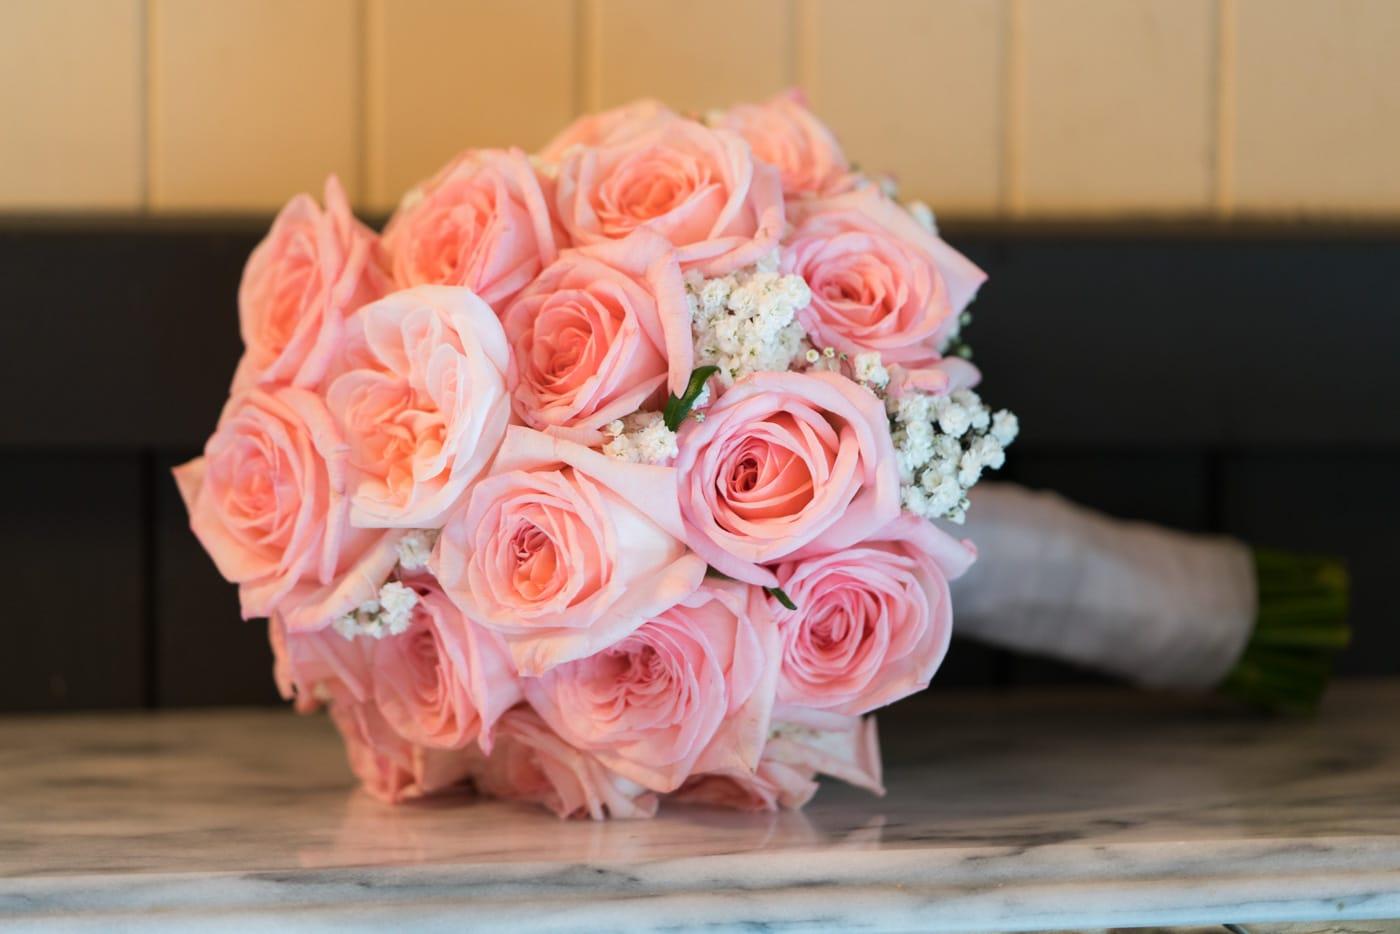 Soft Pink Rose Wedding Bouquet Ideas